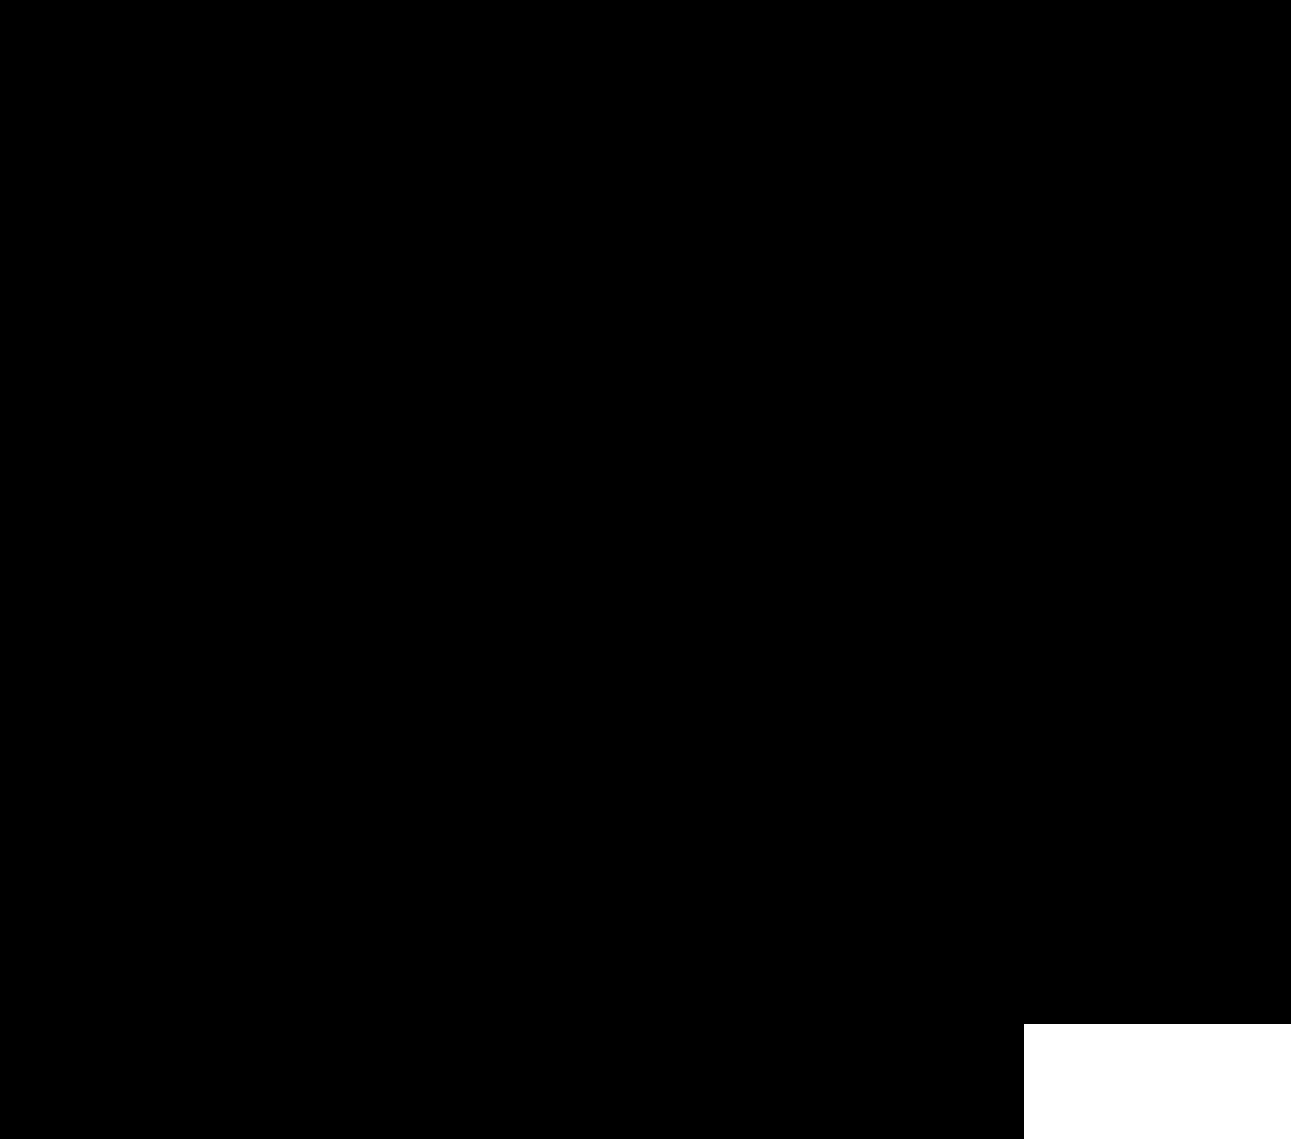 1226585-transparentkopie11